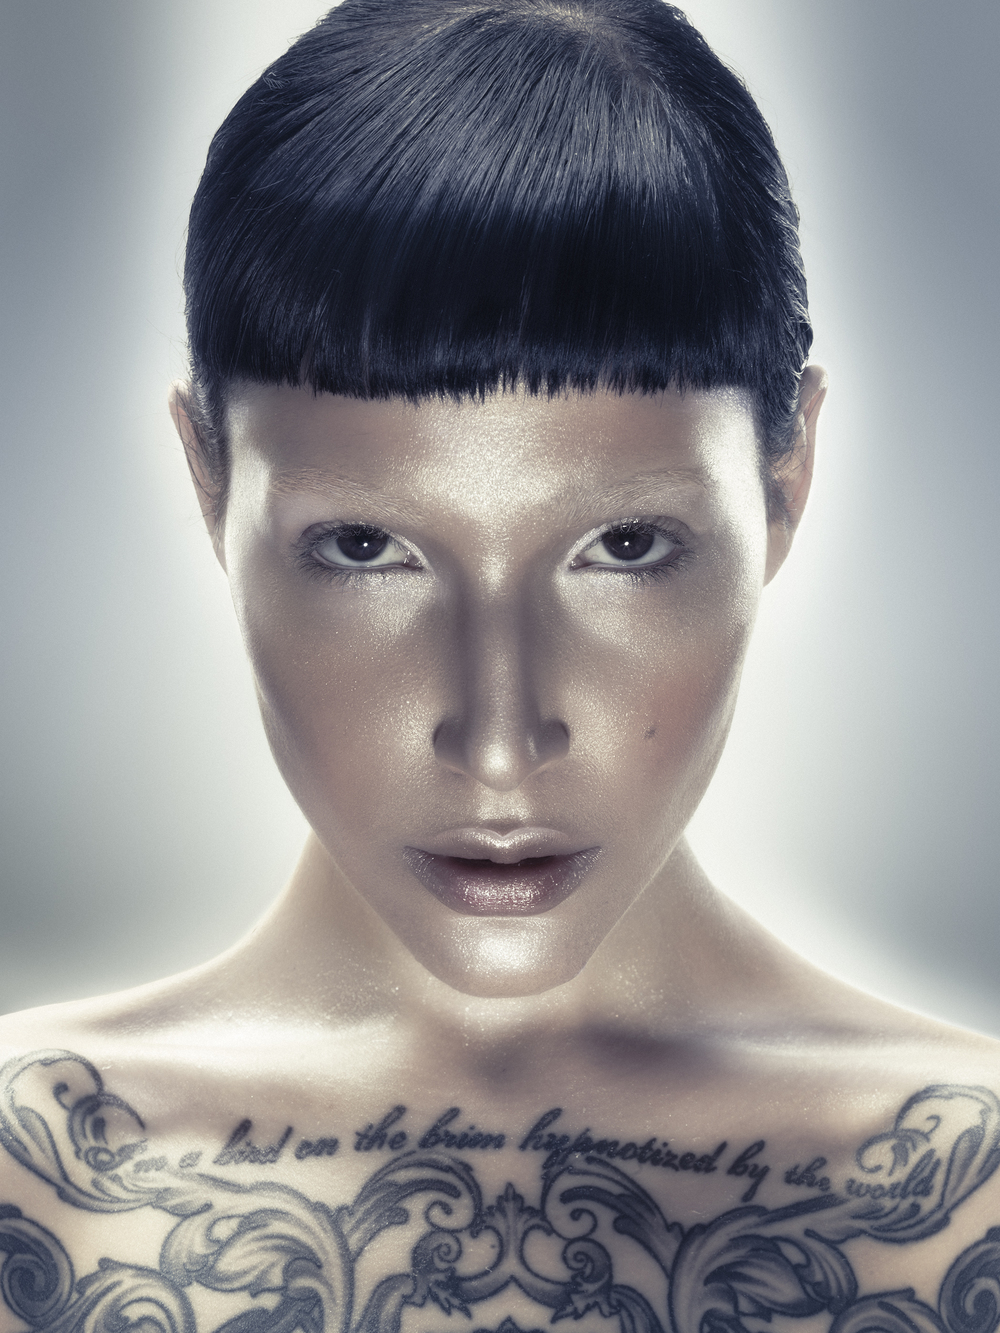 Beauty-Mayela-Vazquez-MakeUp-1.jpg